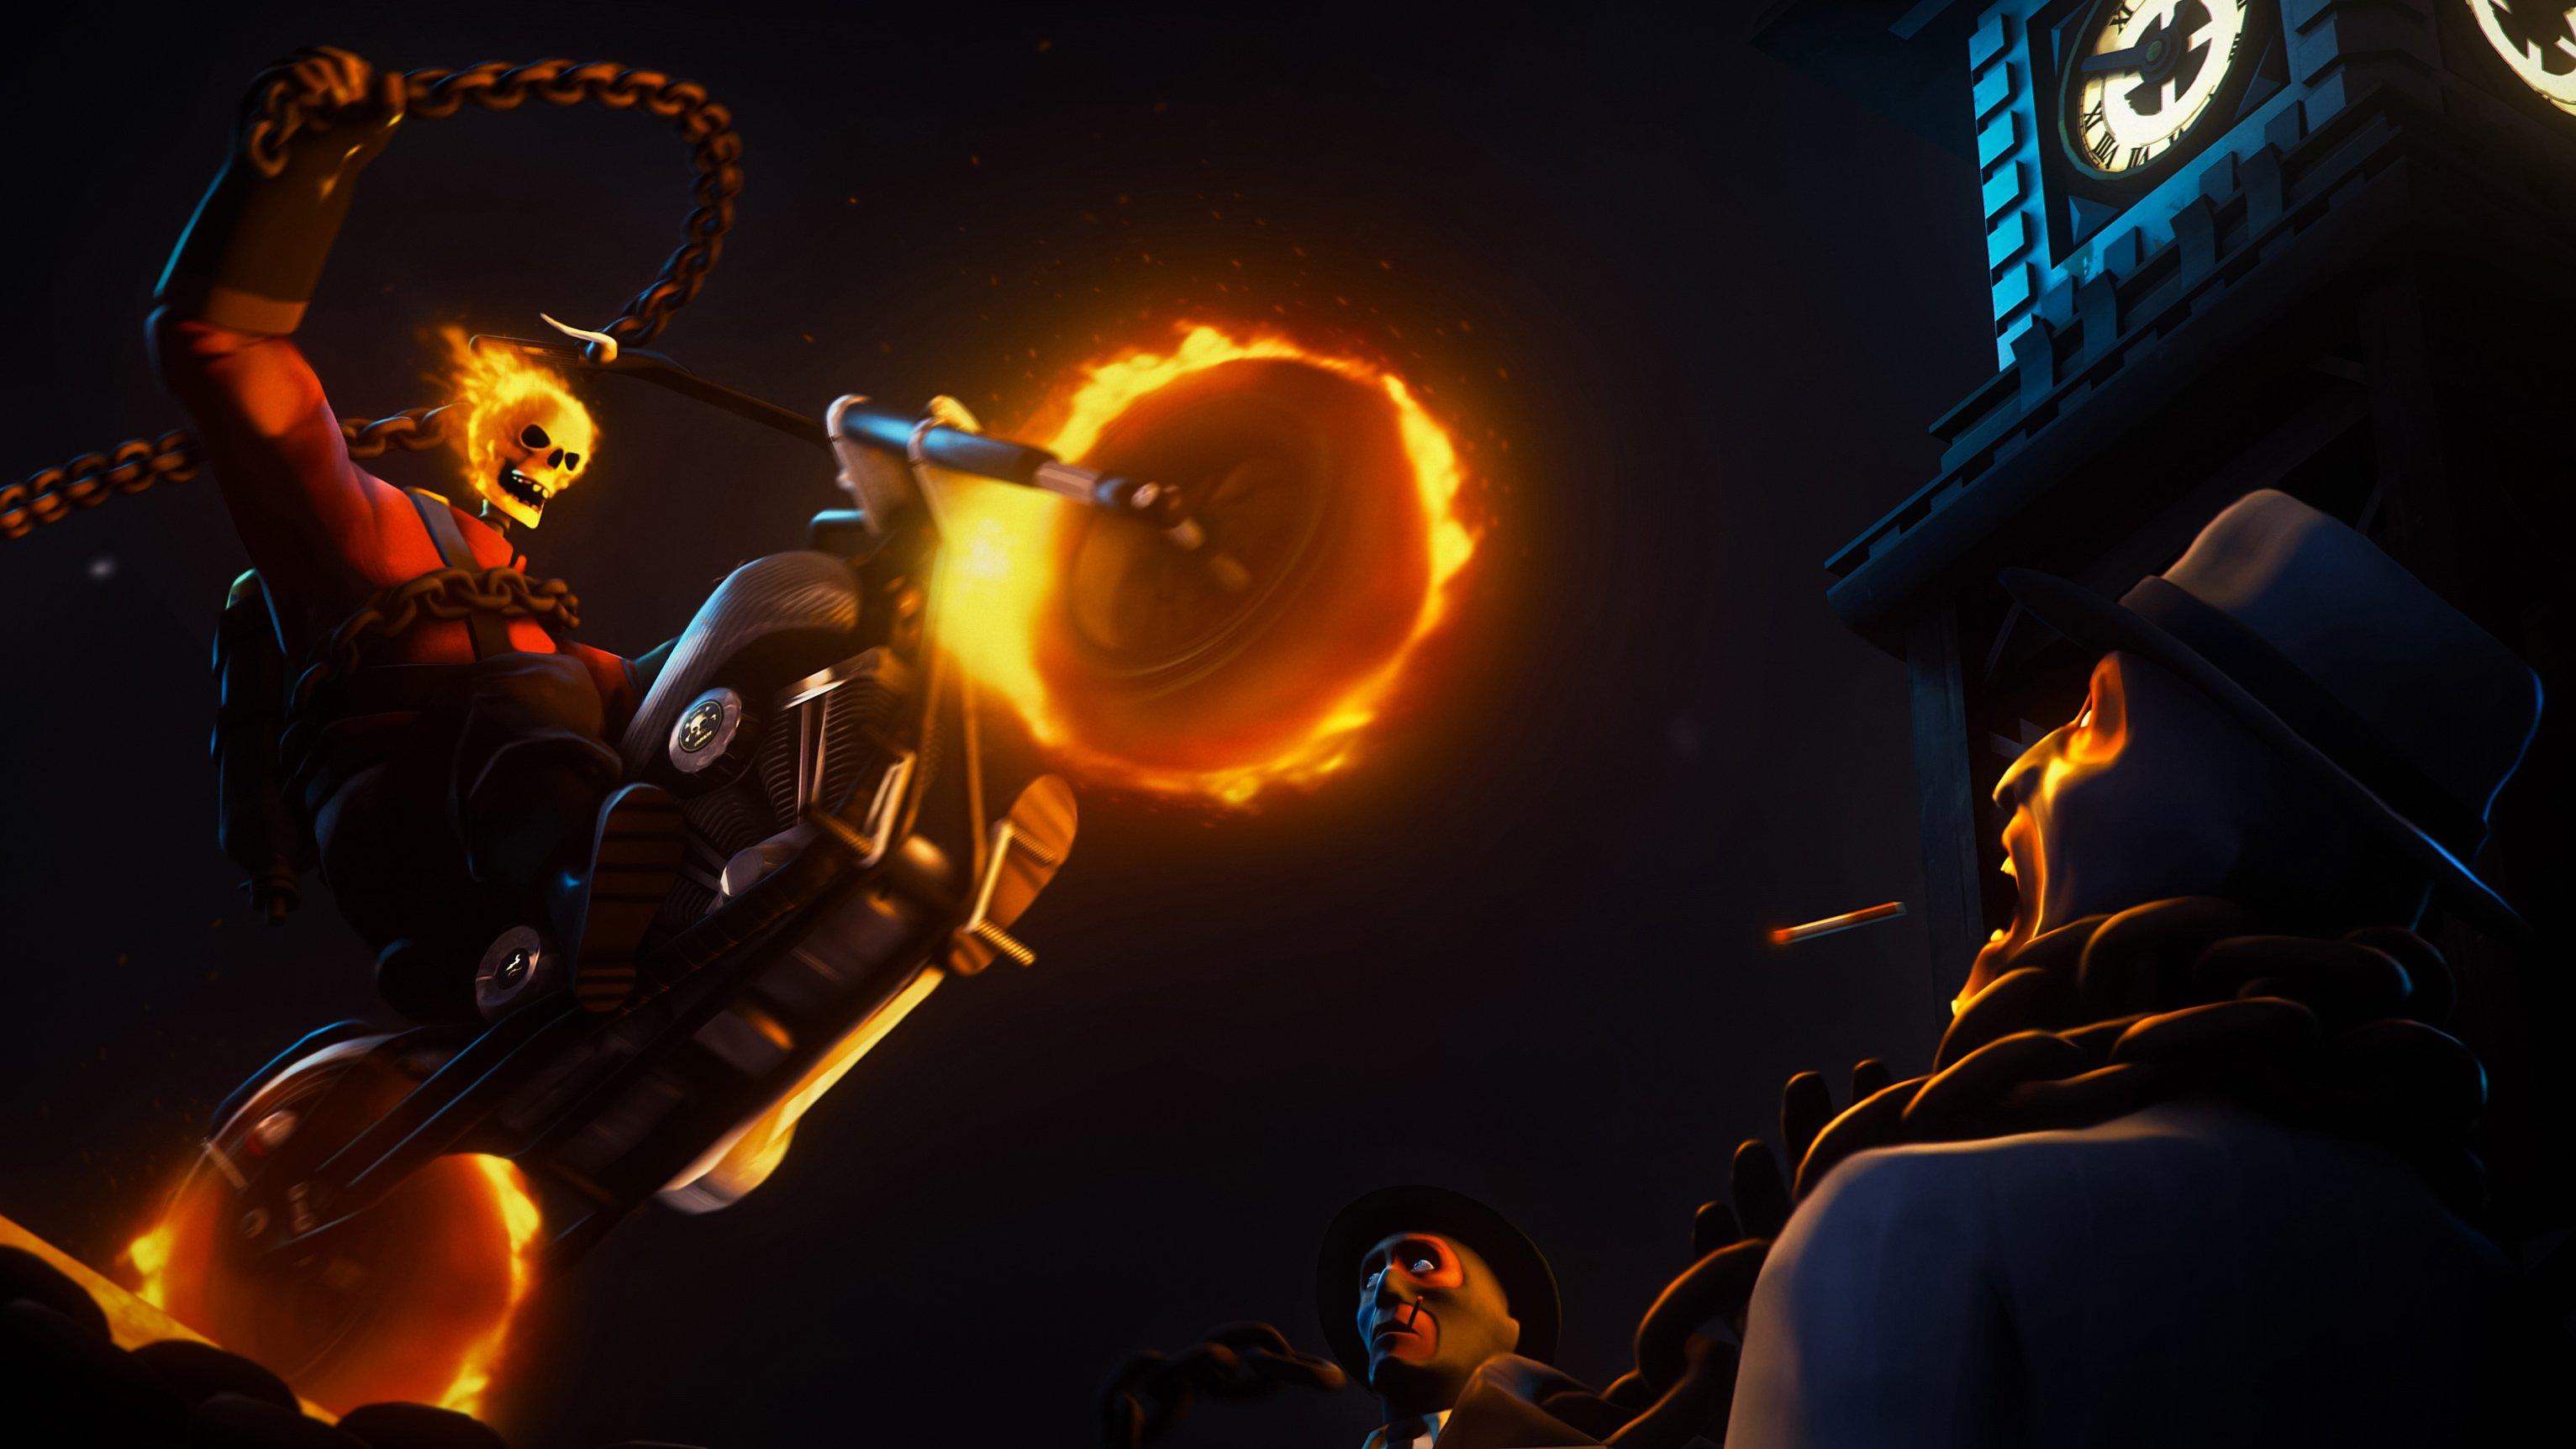 Fondos de pantalla Ghost Rider art